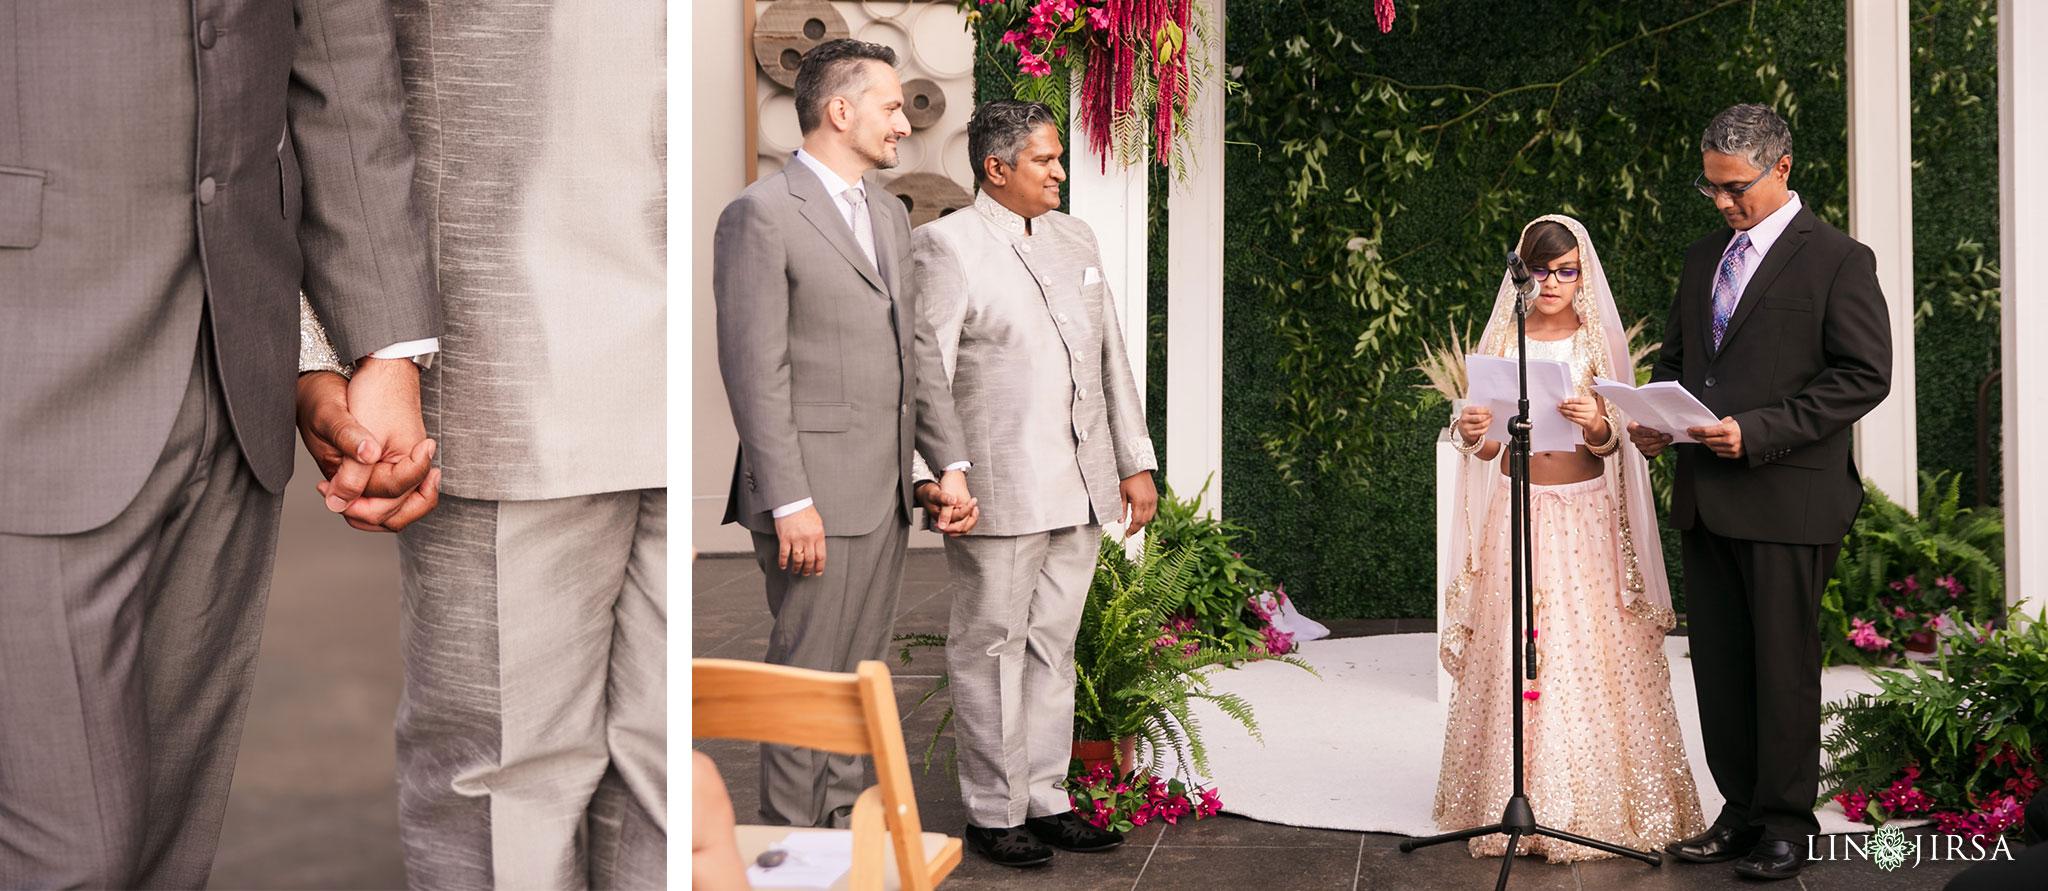 18 seven degrees laguna beach gay wedding photography